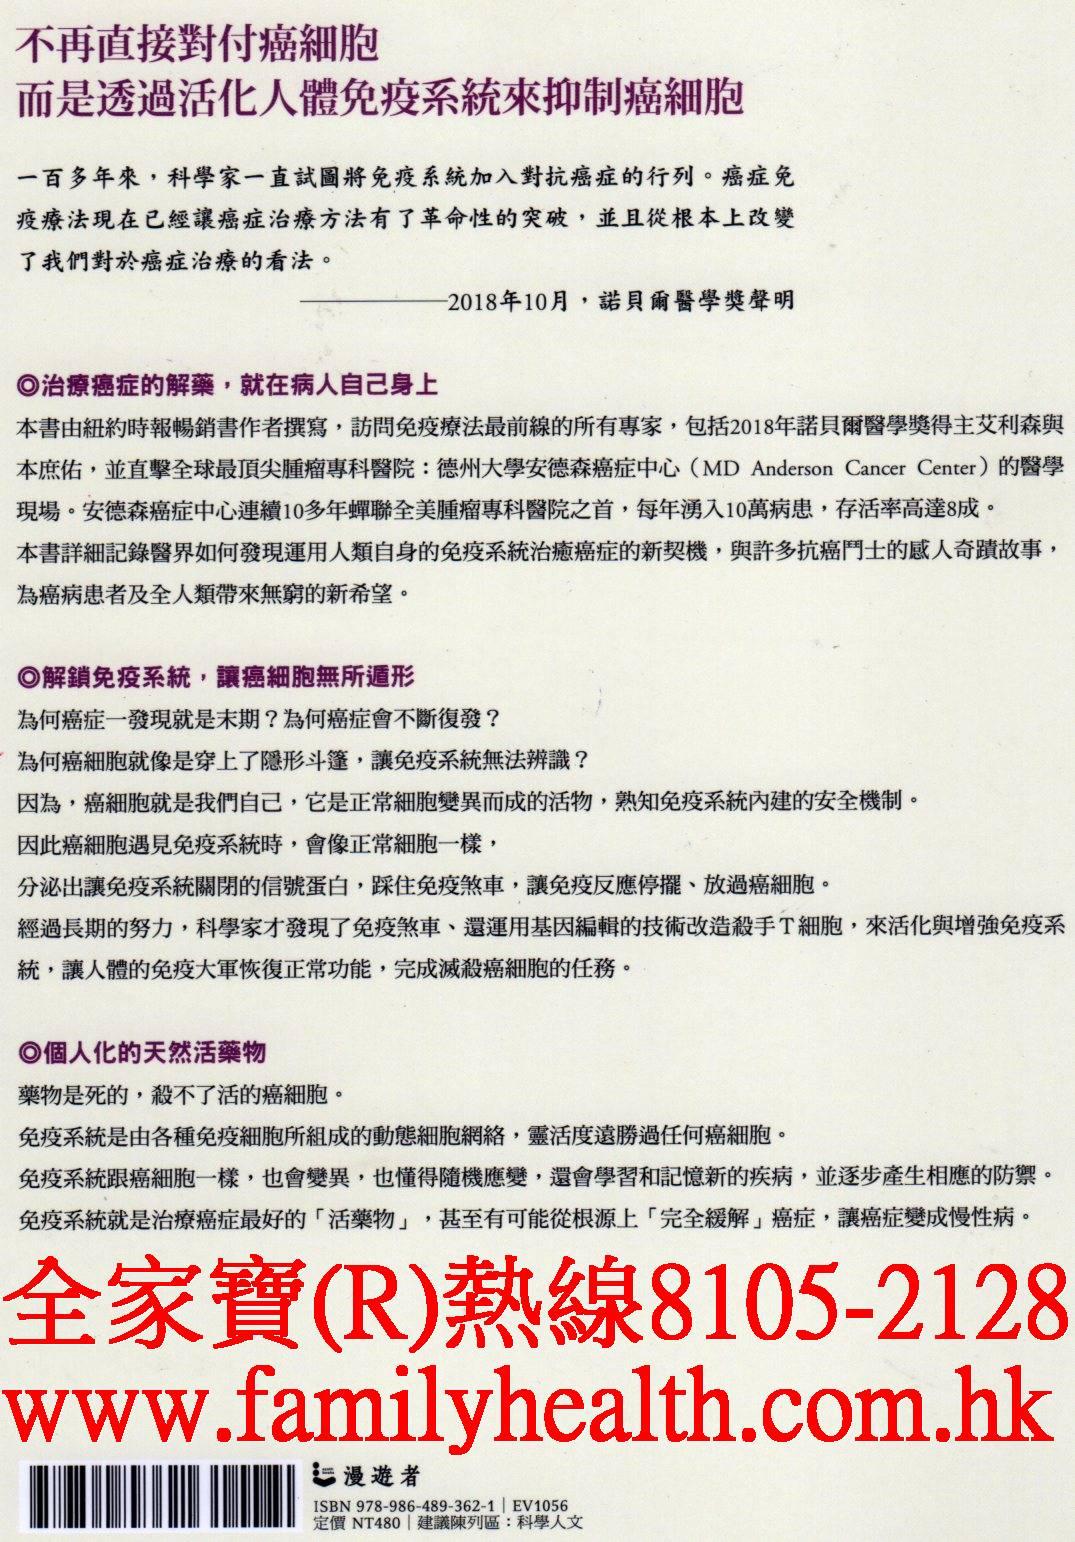 http://www.familyhealth.com.hk/files/full/1102_2.jpg